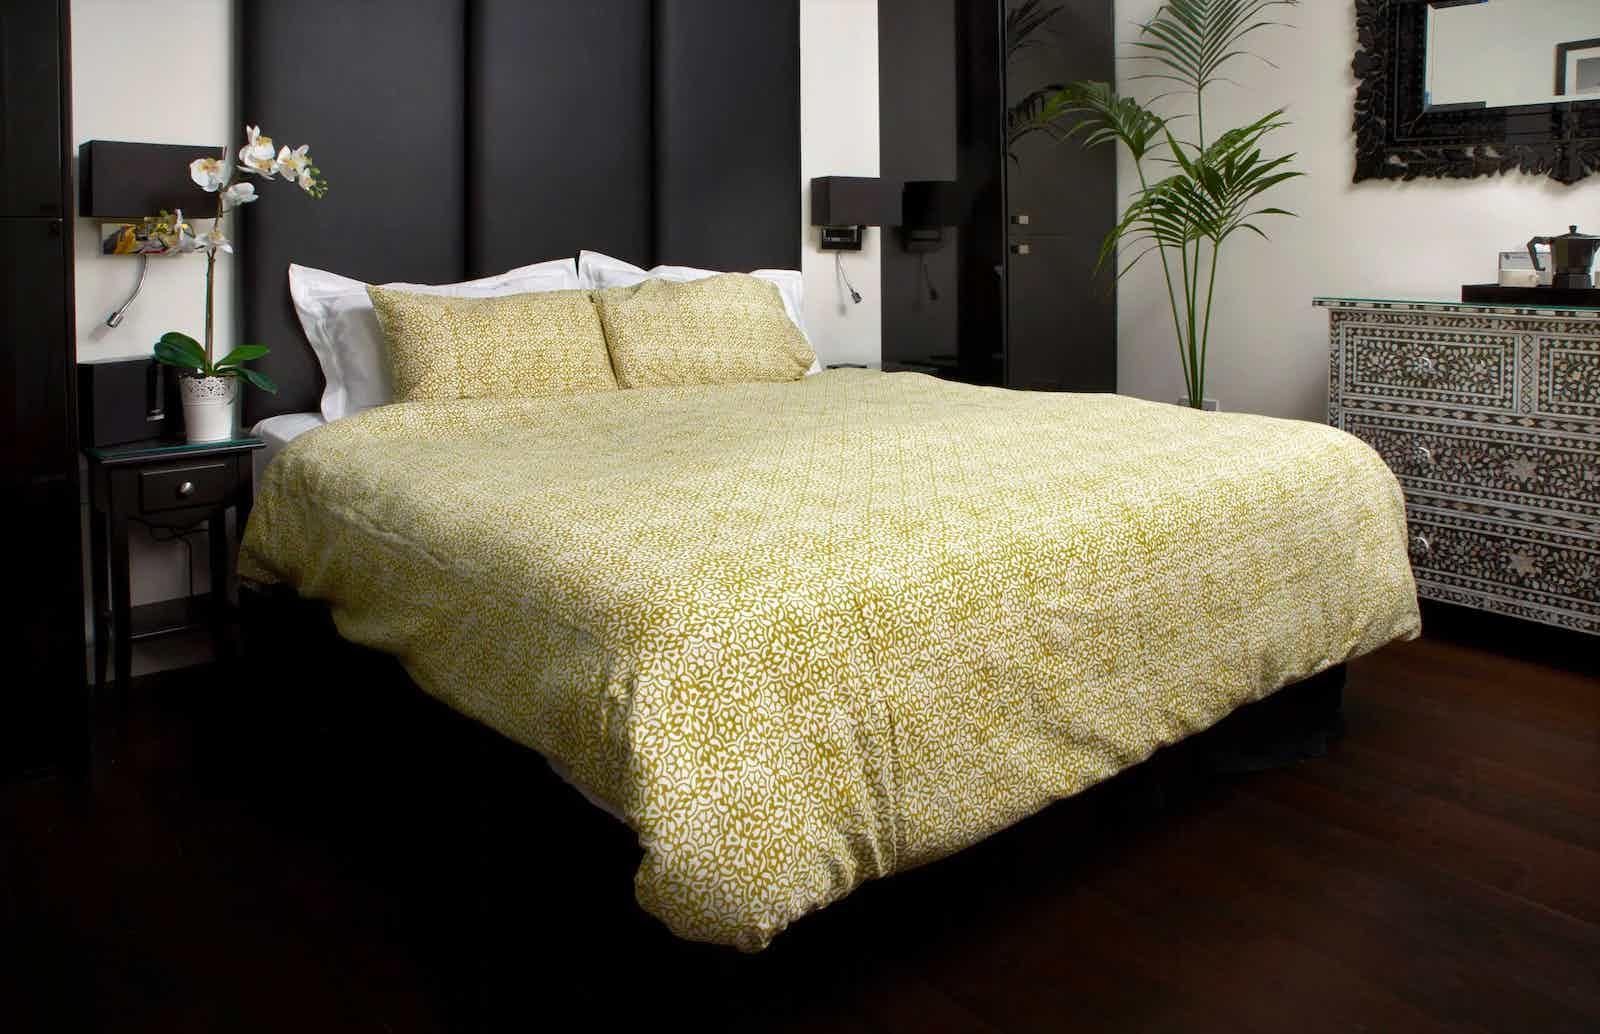 Bedroom & Home